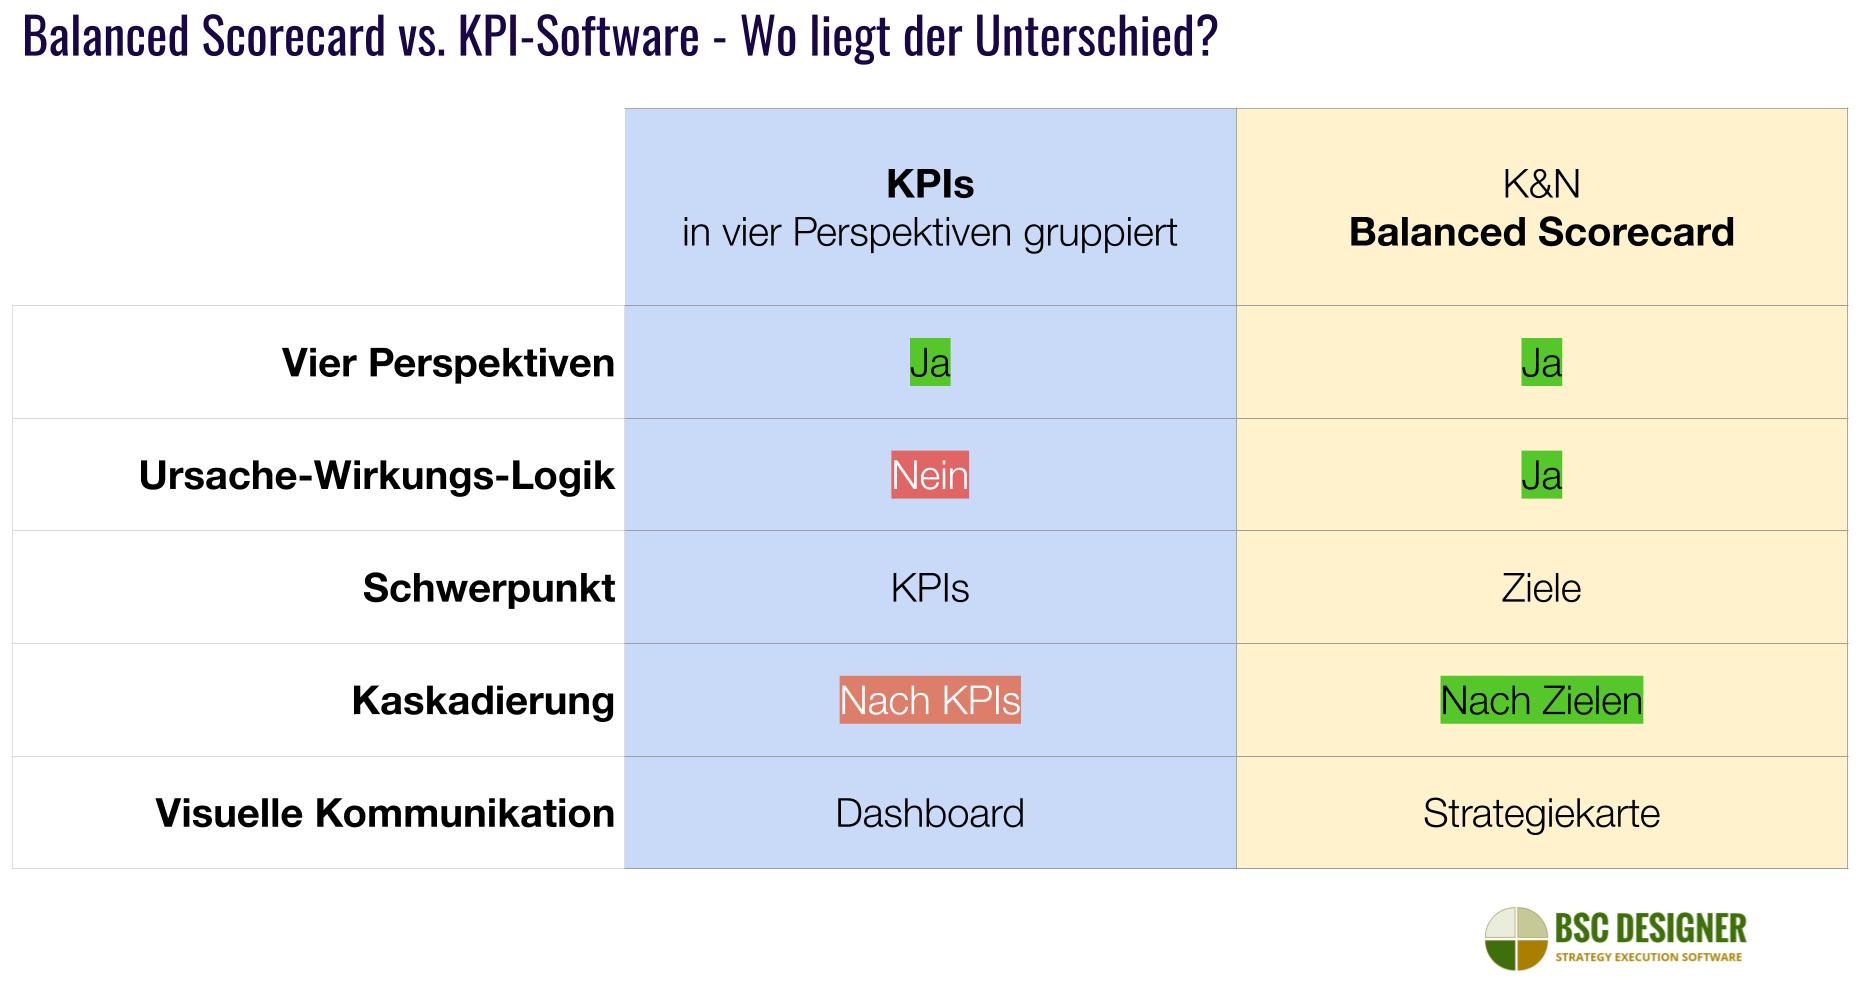 Software für K&N Balanced Scorecard im Vergleich zu der Software für KPIs